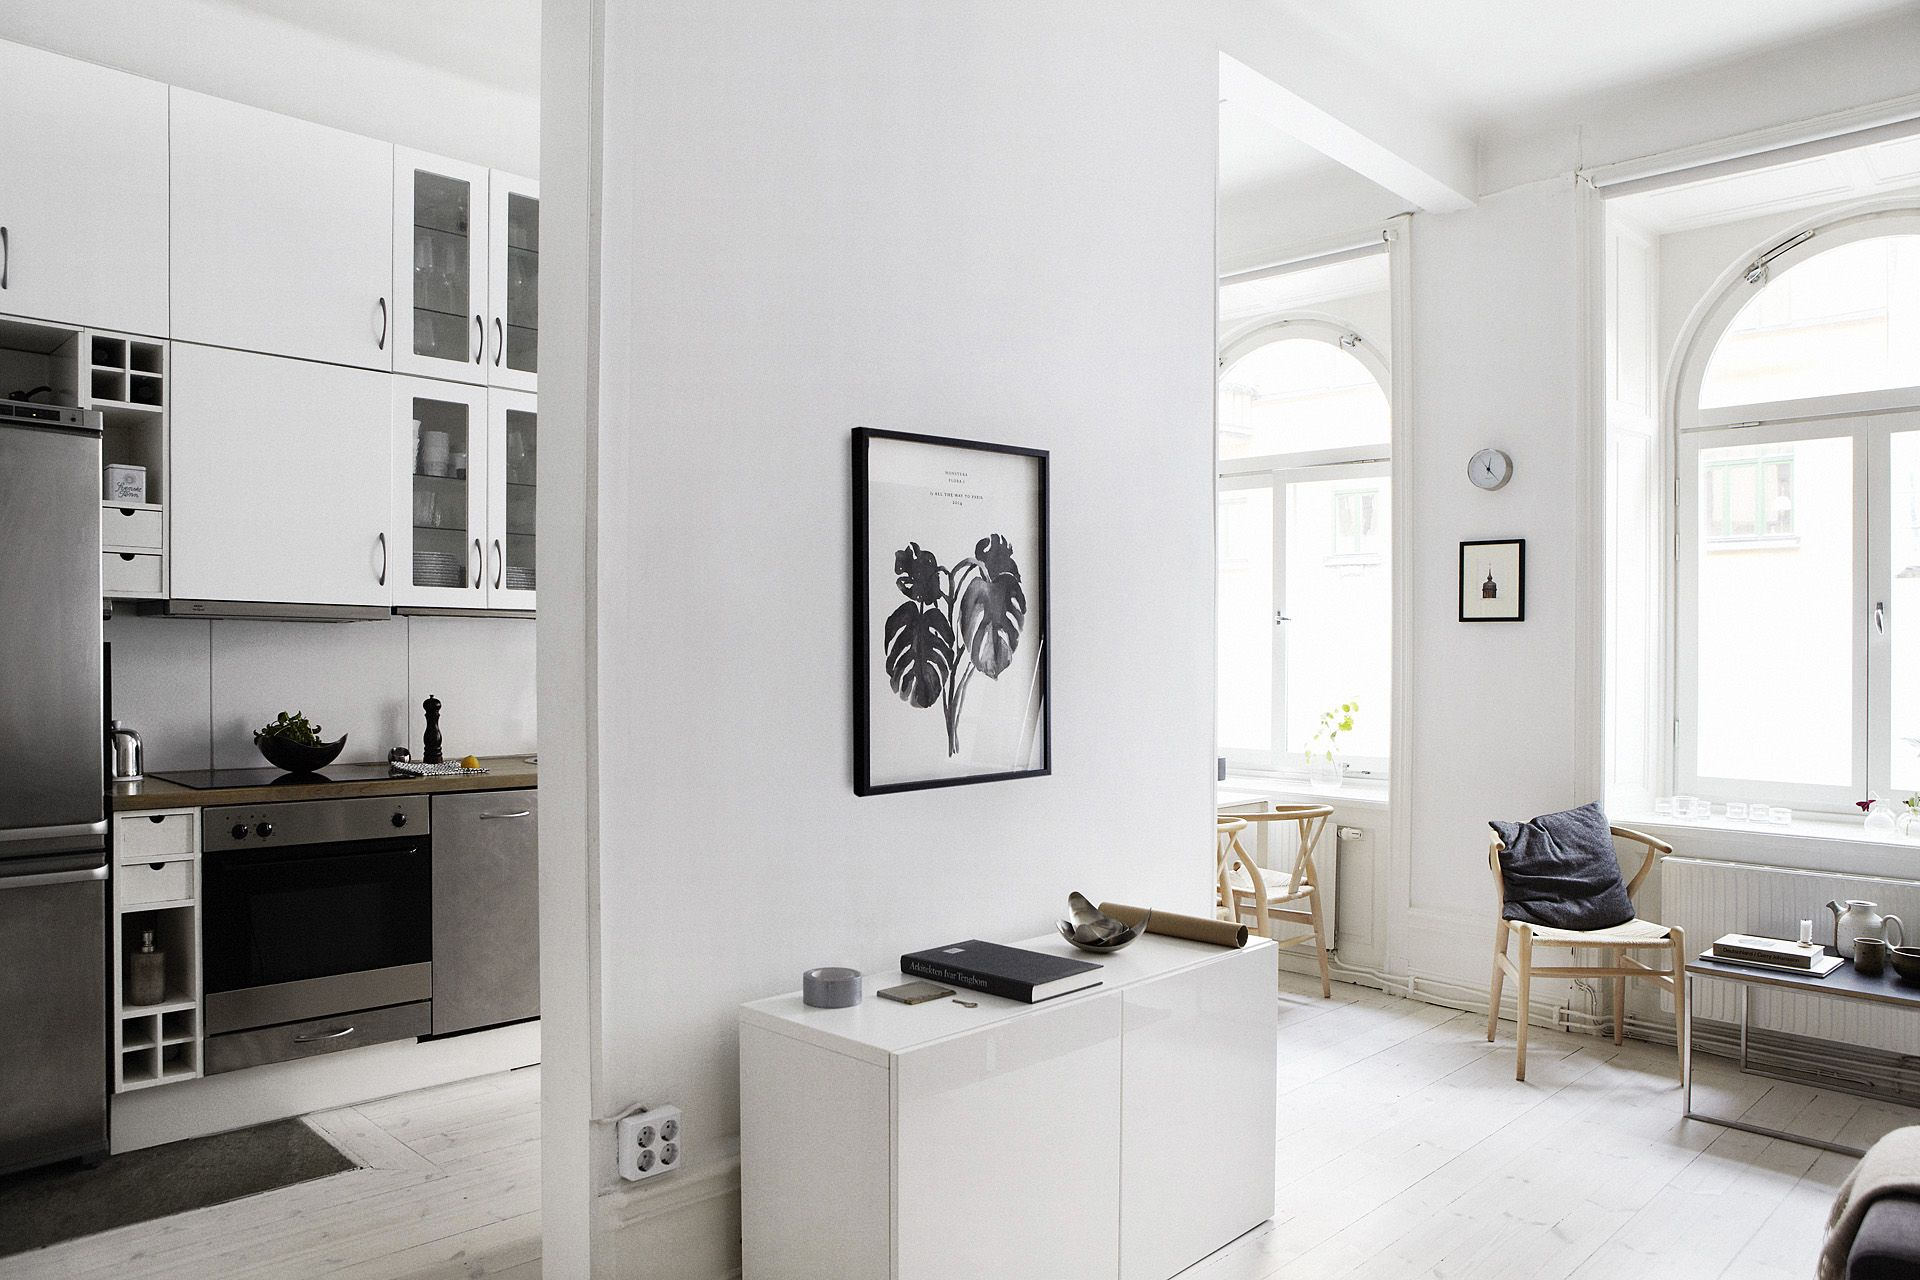 Комнаты в квартире-студии не имеют границ и поэтому кажутся просторнее